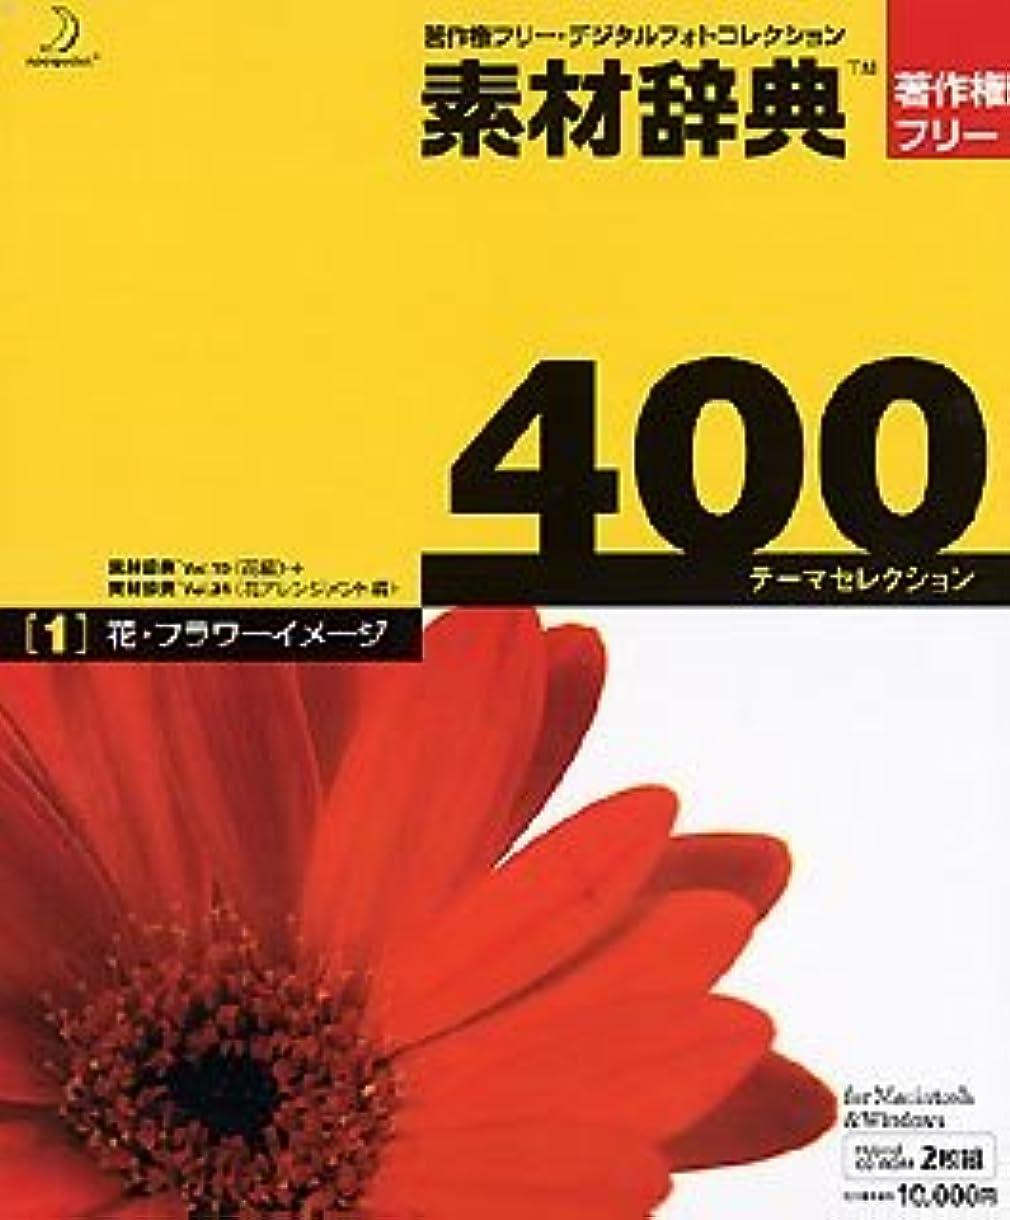 素材辞典 400 1 花?フラワーイメージ